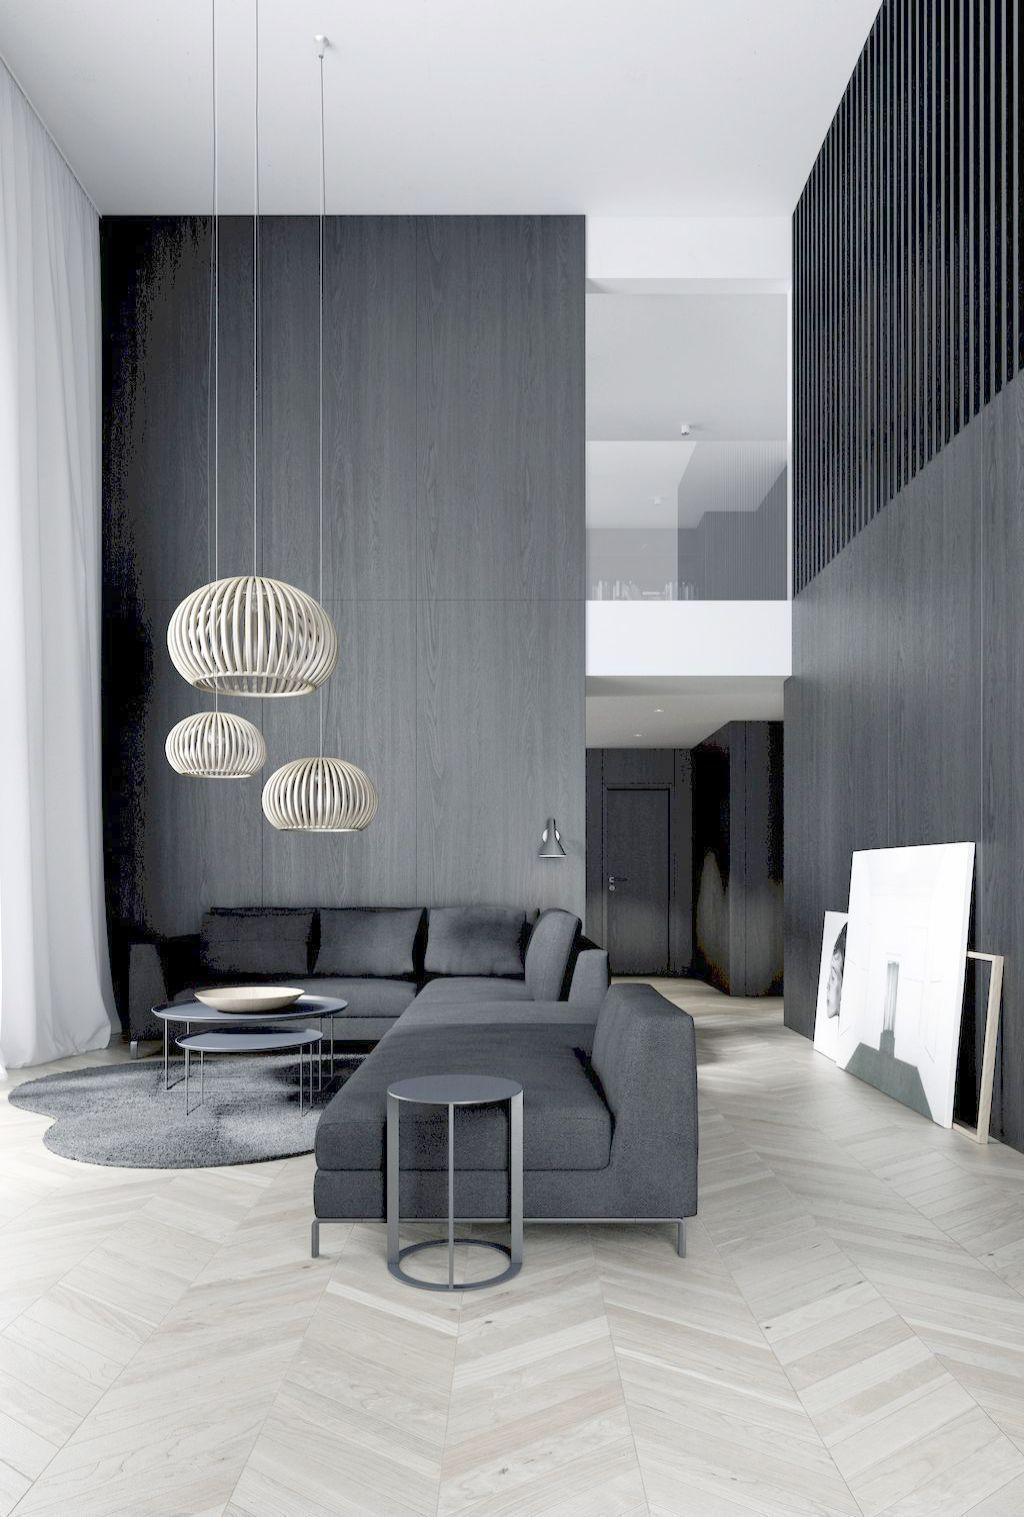 Living Room Interior Design Fotogalerie In Nigeria Obwohl Living Room Interi In 2020 Interior Design Living Room Dark Living Rooms Living Room Designs